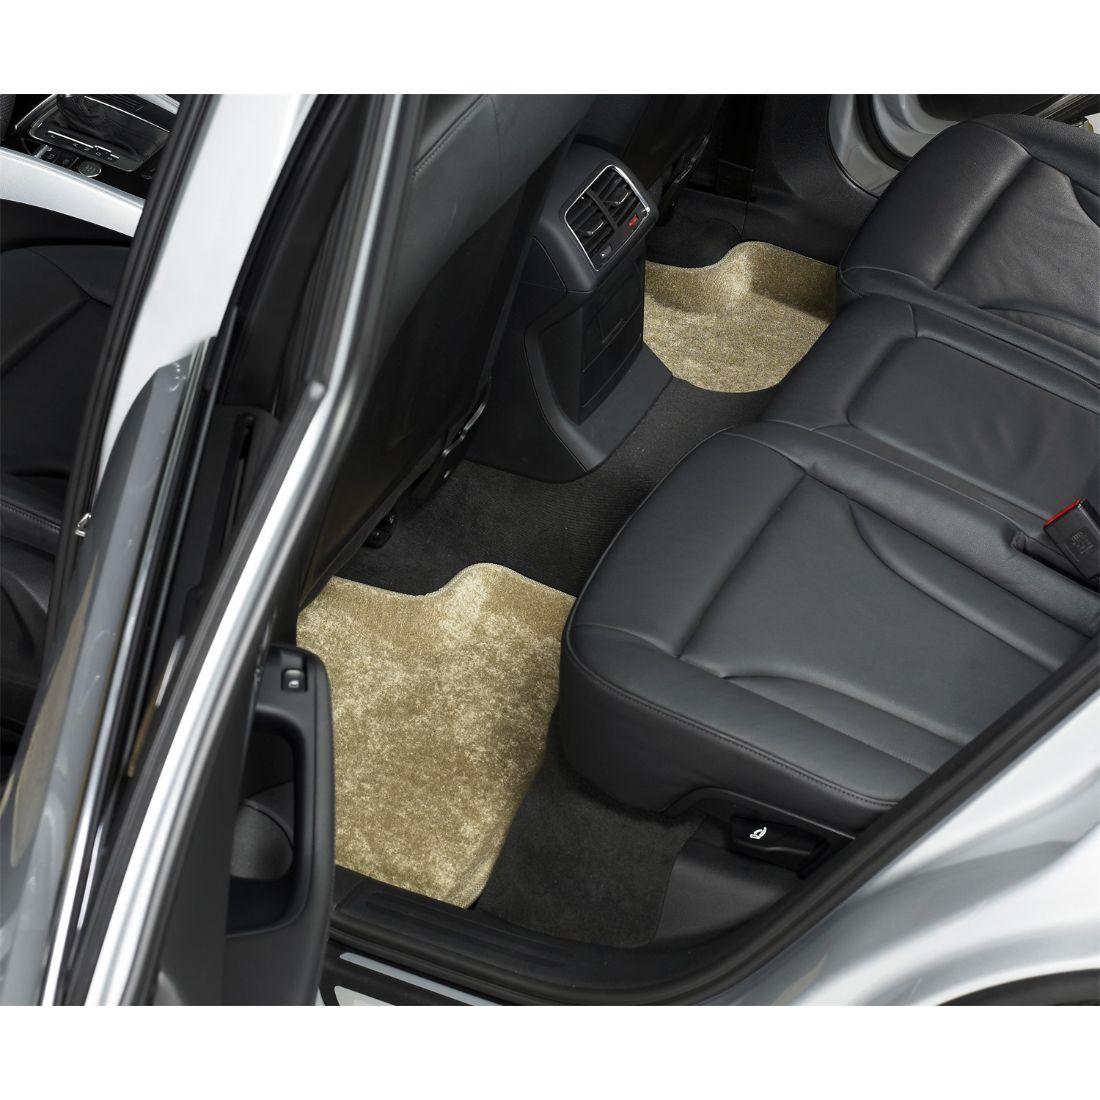 thumbnail 18 - 3D MAXpider Custom Fit CLASSIC Floor Mats for Chevrolet 2006-2013 Impala